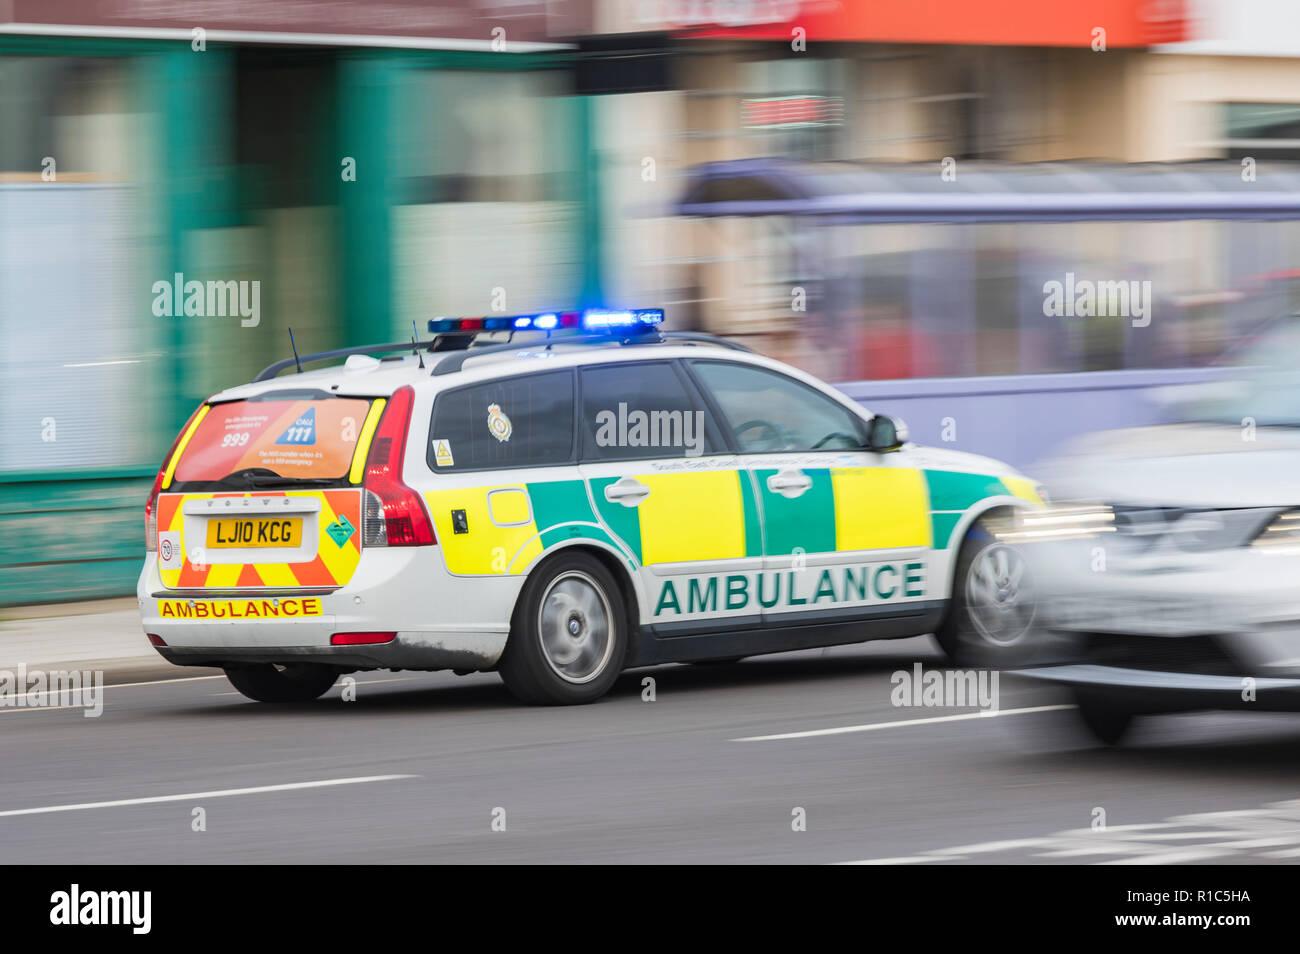 Respuesta rápida ambulancia automóvil con las luces azules destellando en la forma de llamada de emergencia en West Sussex, Reino Unido. Efecto de desenfoque de movimiento. Foto de stock